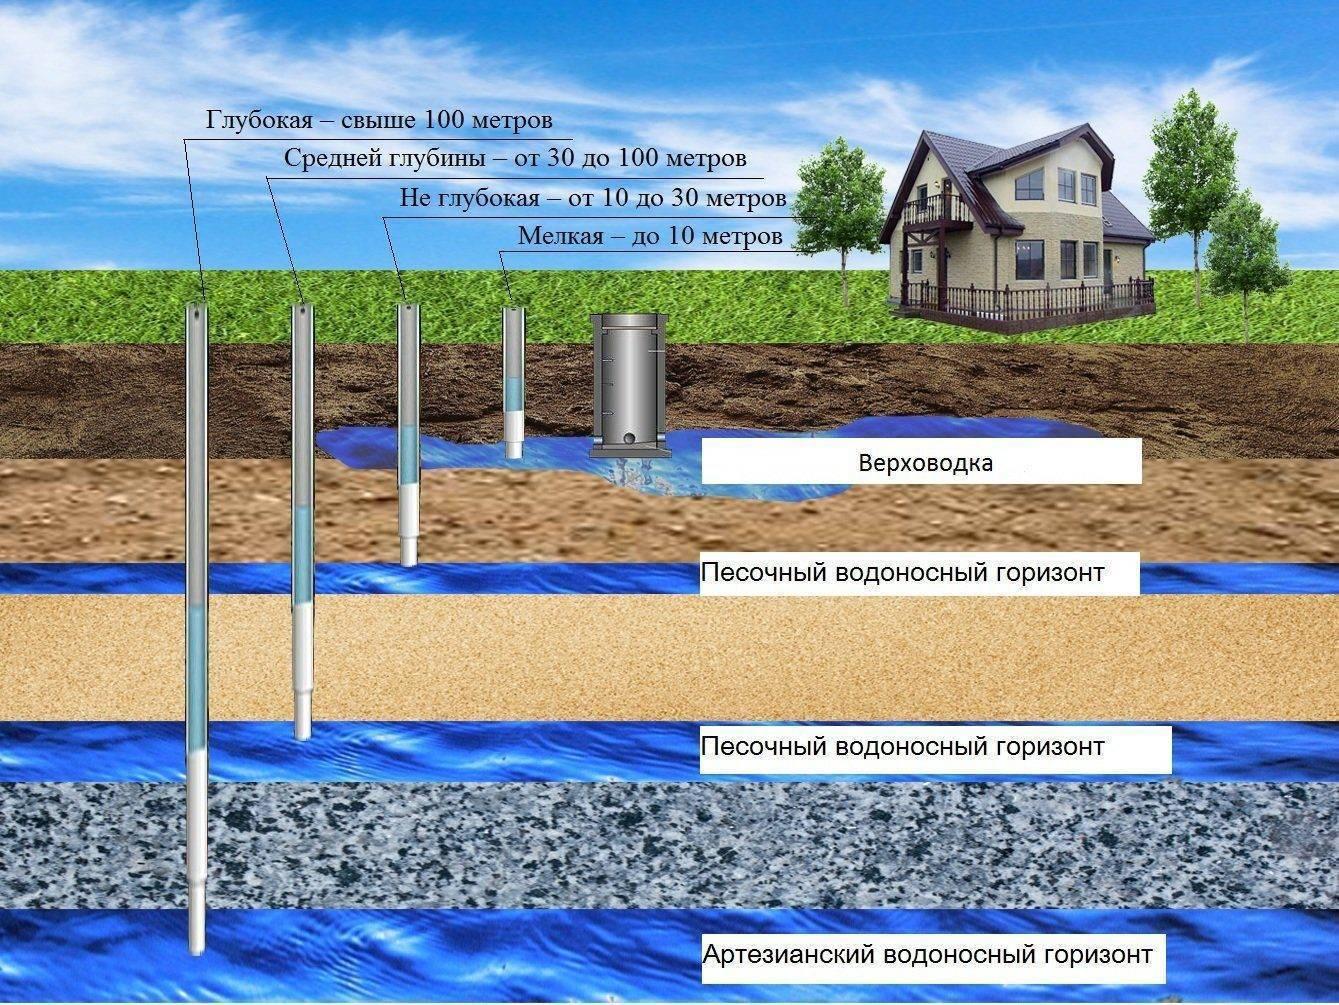 Дезинфекция воды в колодце с помощью хлорки - порядок проведения работ